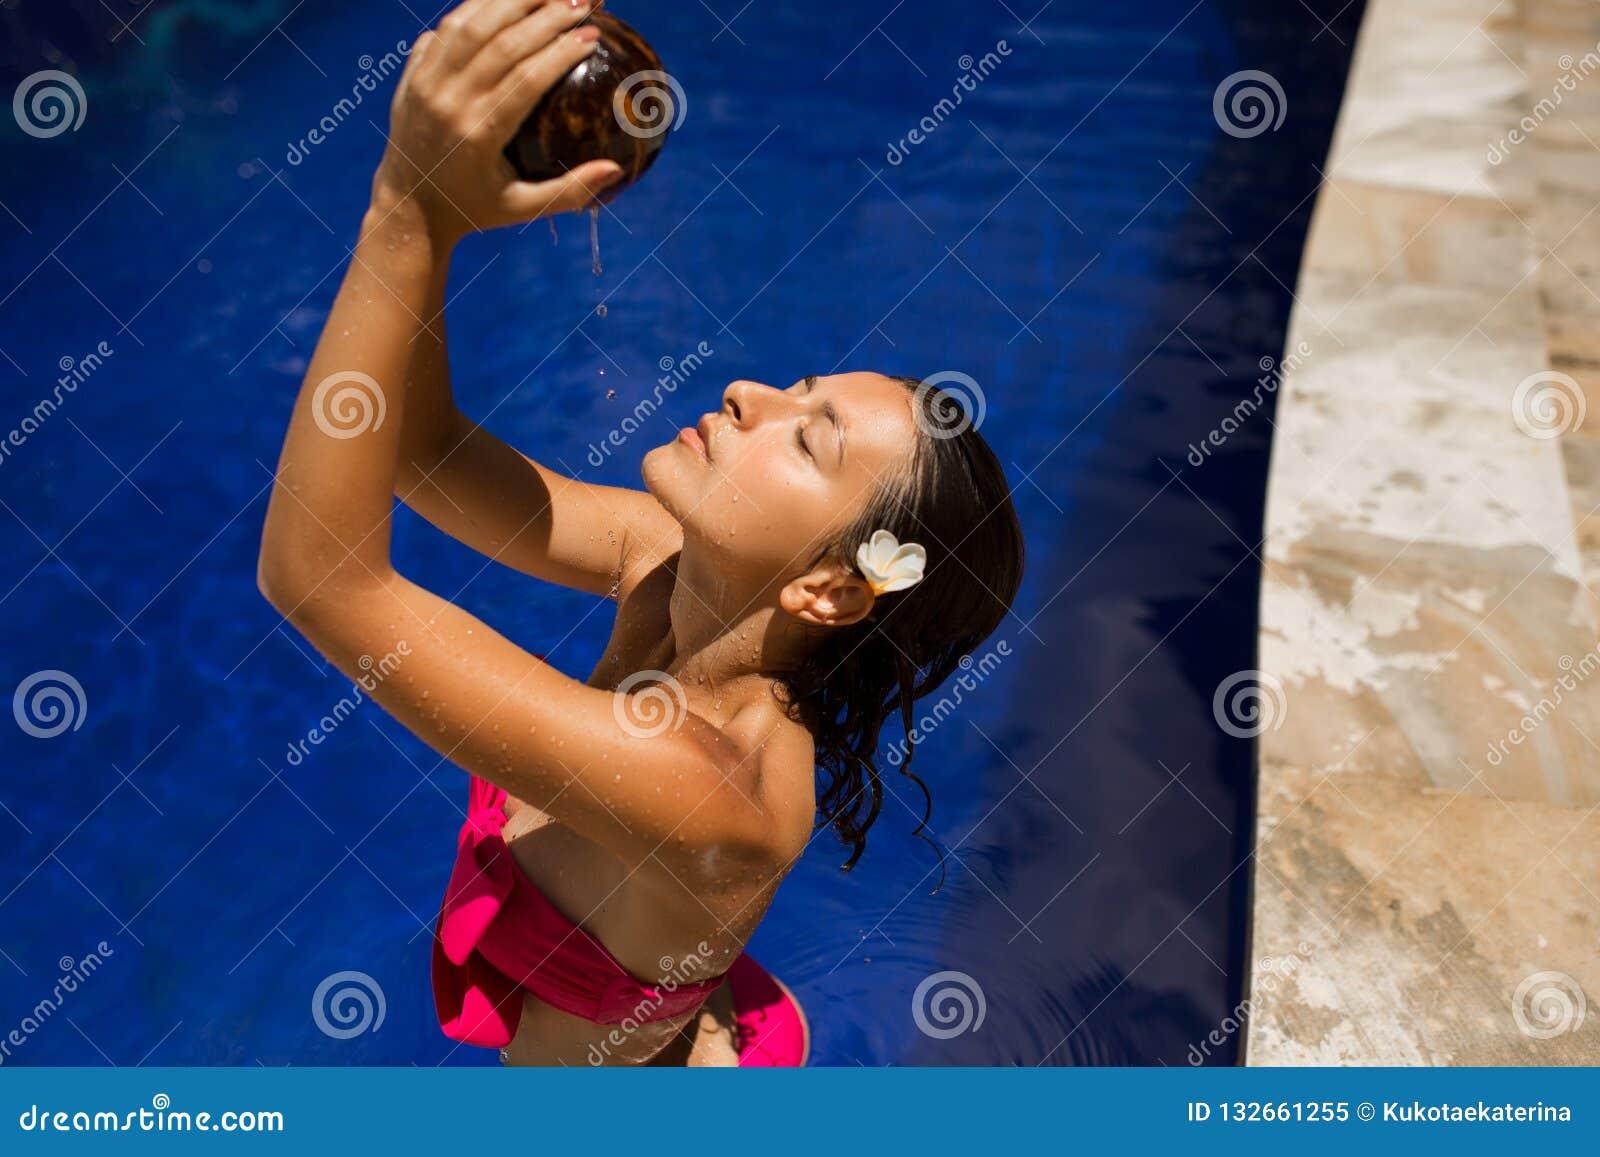 Sexy slank donkerbruin jong wijfje die water geven met verse kokosmelk in pool met kristal blauw water Koninklijke tropische toev